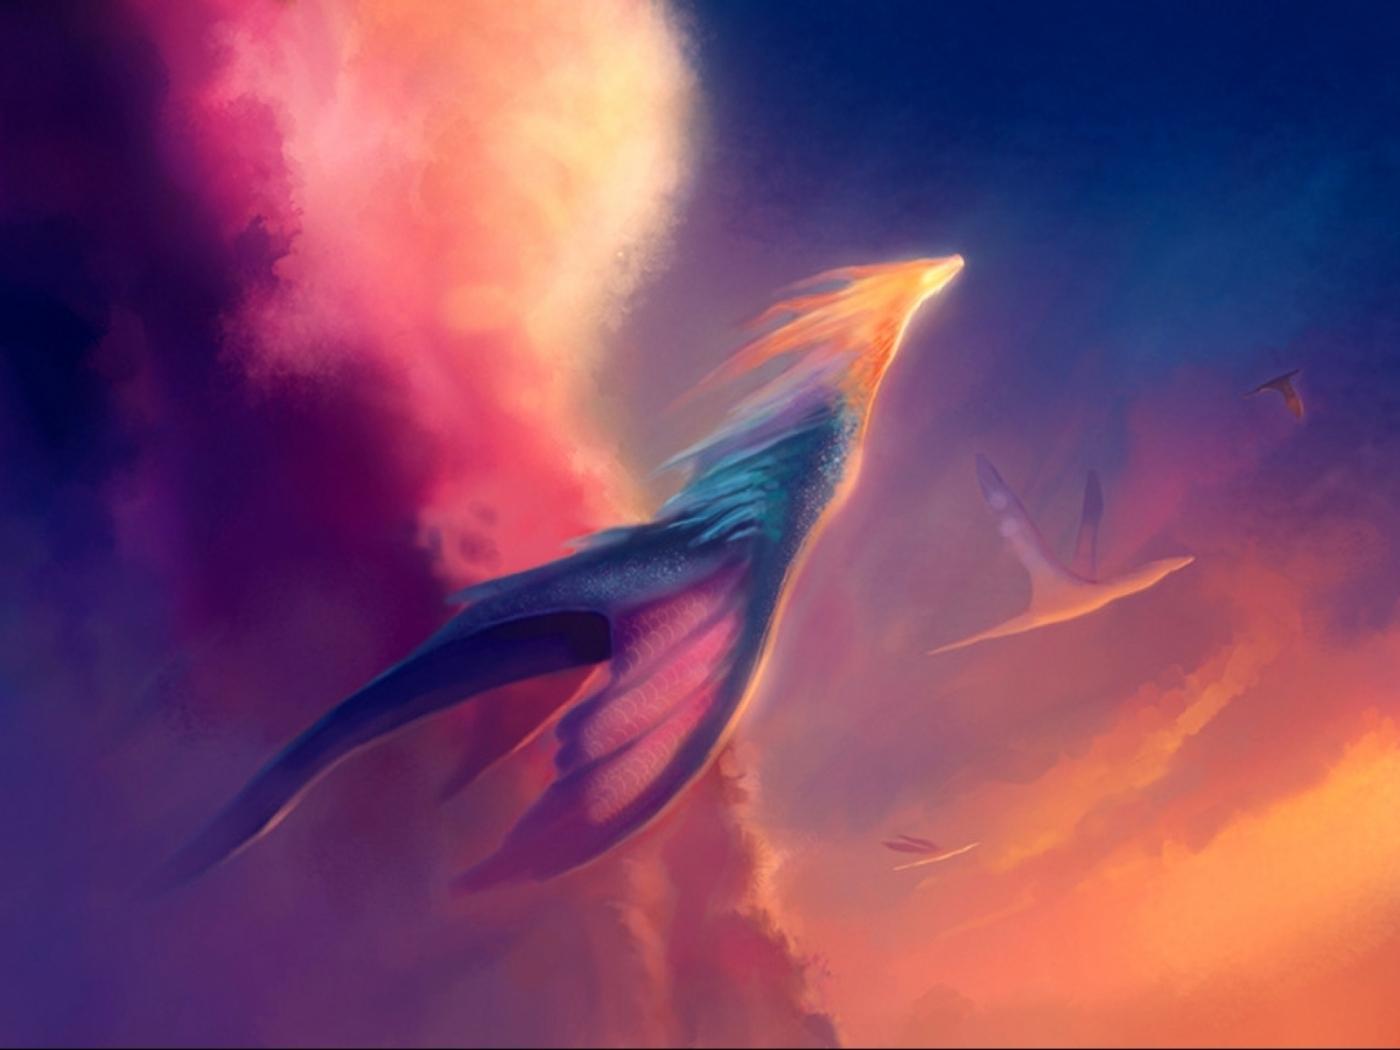 24301 descargar fondo de pantalla Fantasía, Dragones, Nubes: protectores de pantalla e imágenes gratis